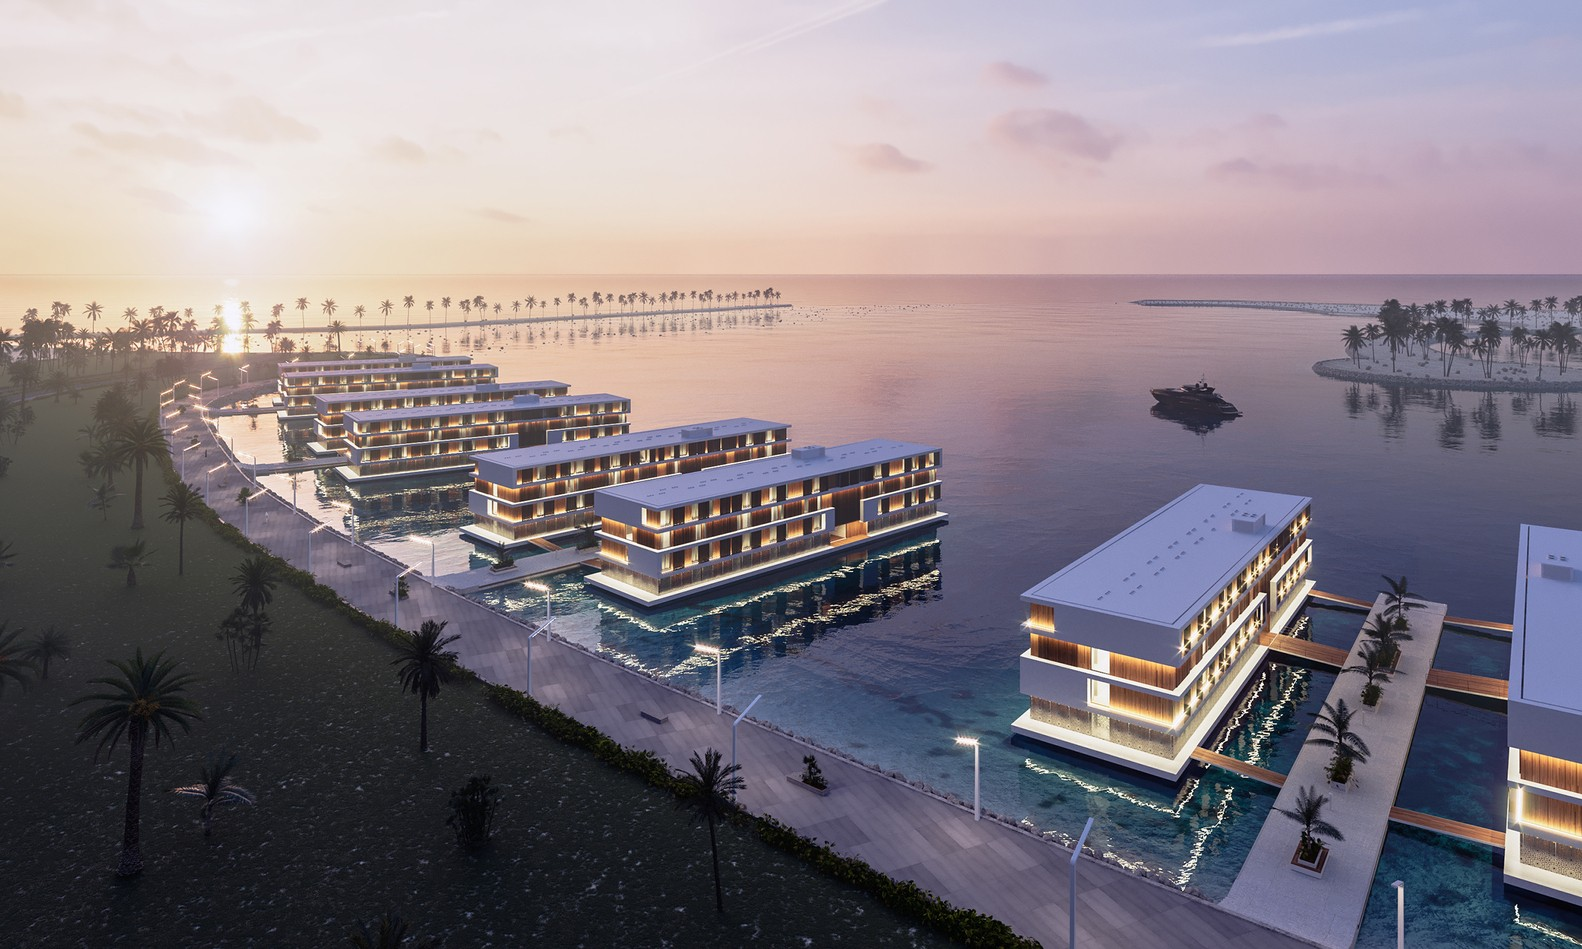 Catar constrói hotéis flutuantes em ilha artificial para Copa de 2022